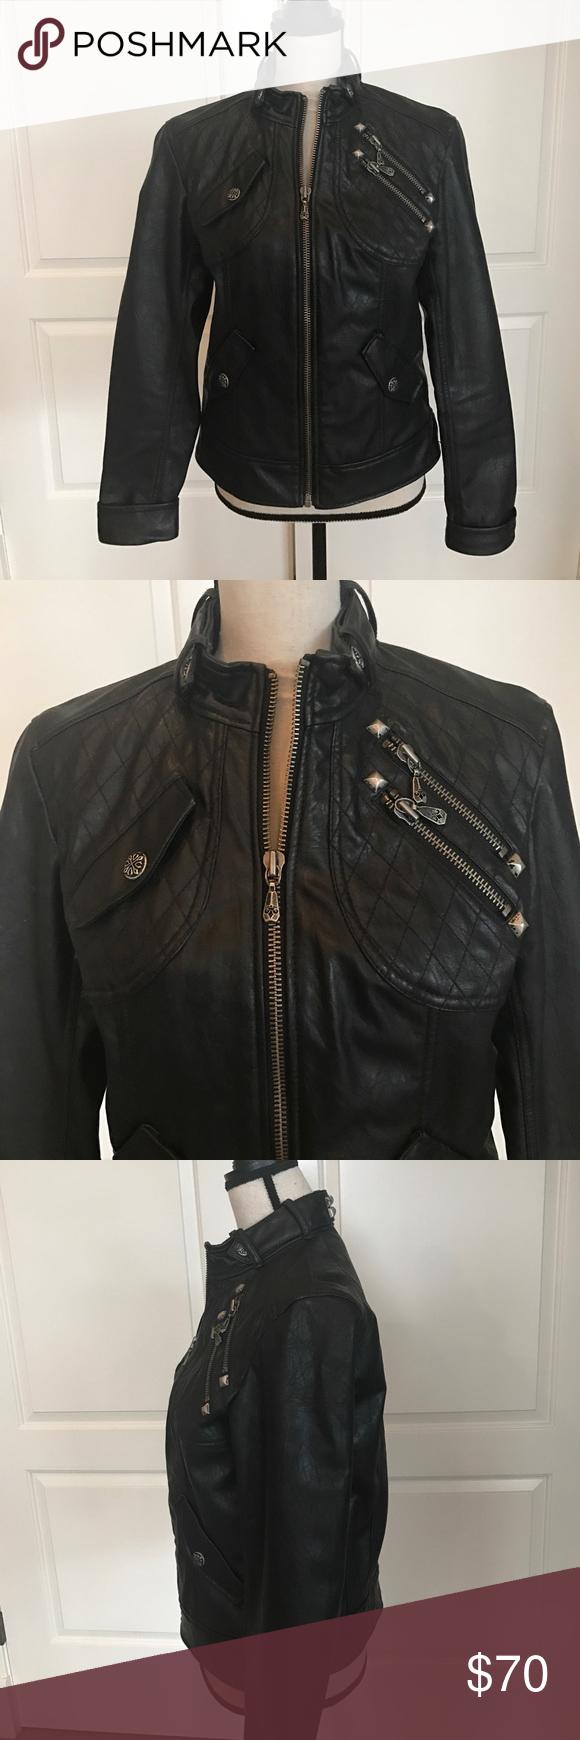 Affliction black leather like jacket Jackets, Affliction